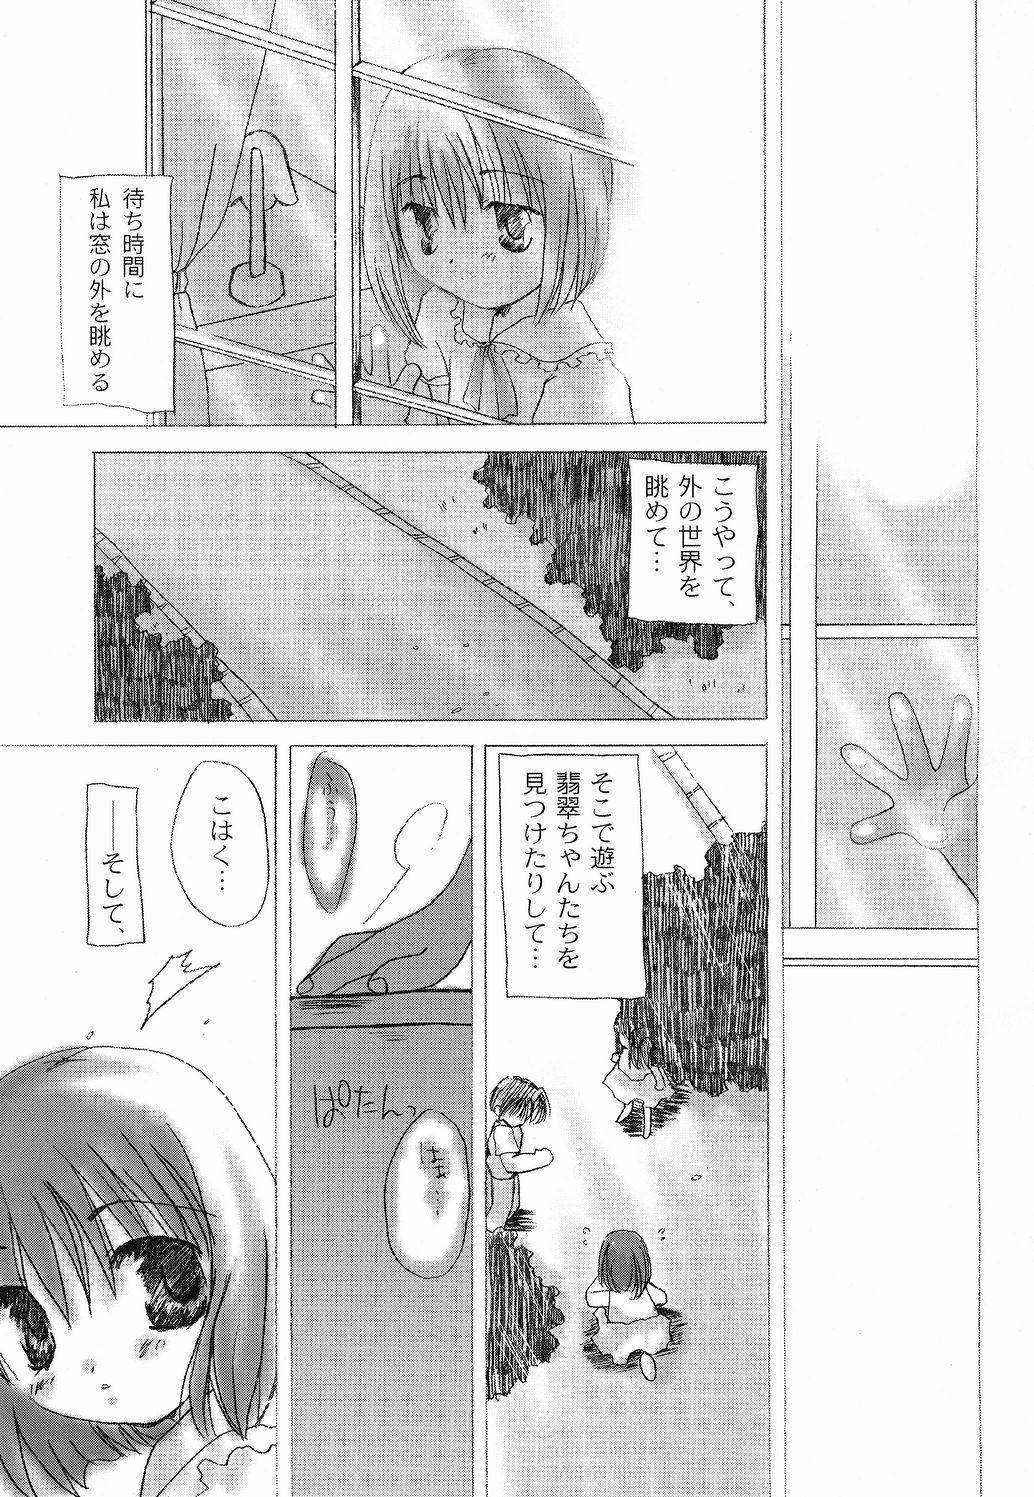 Taiyou to Tsuki ni Somuite 7